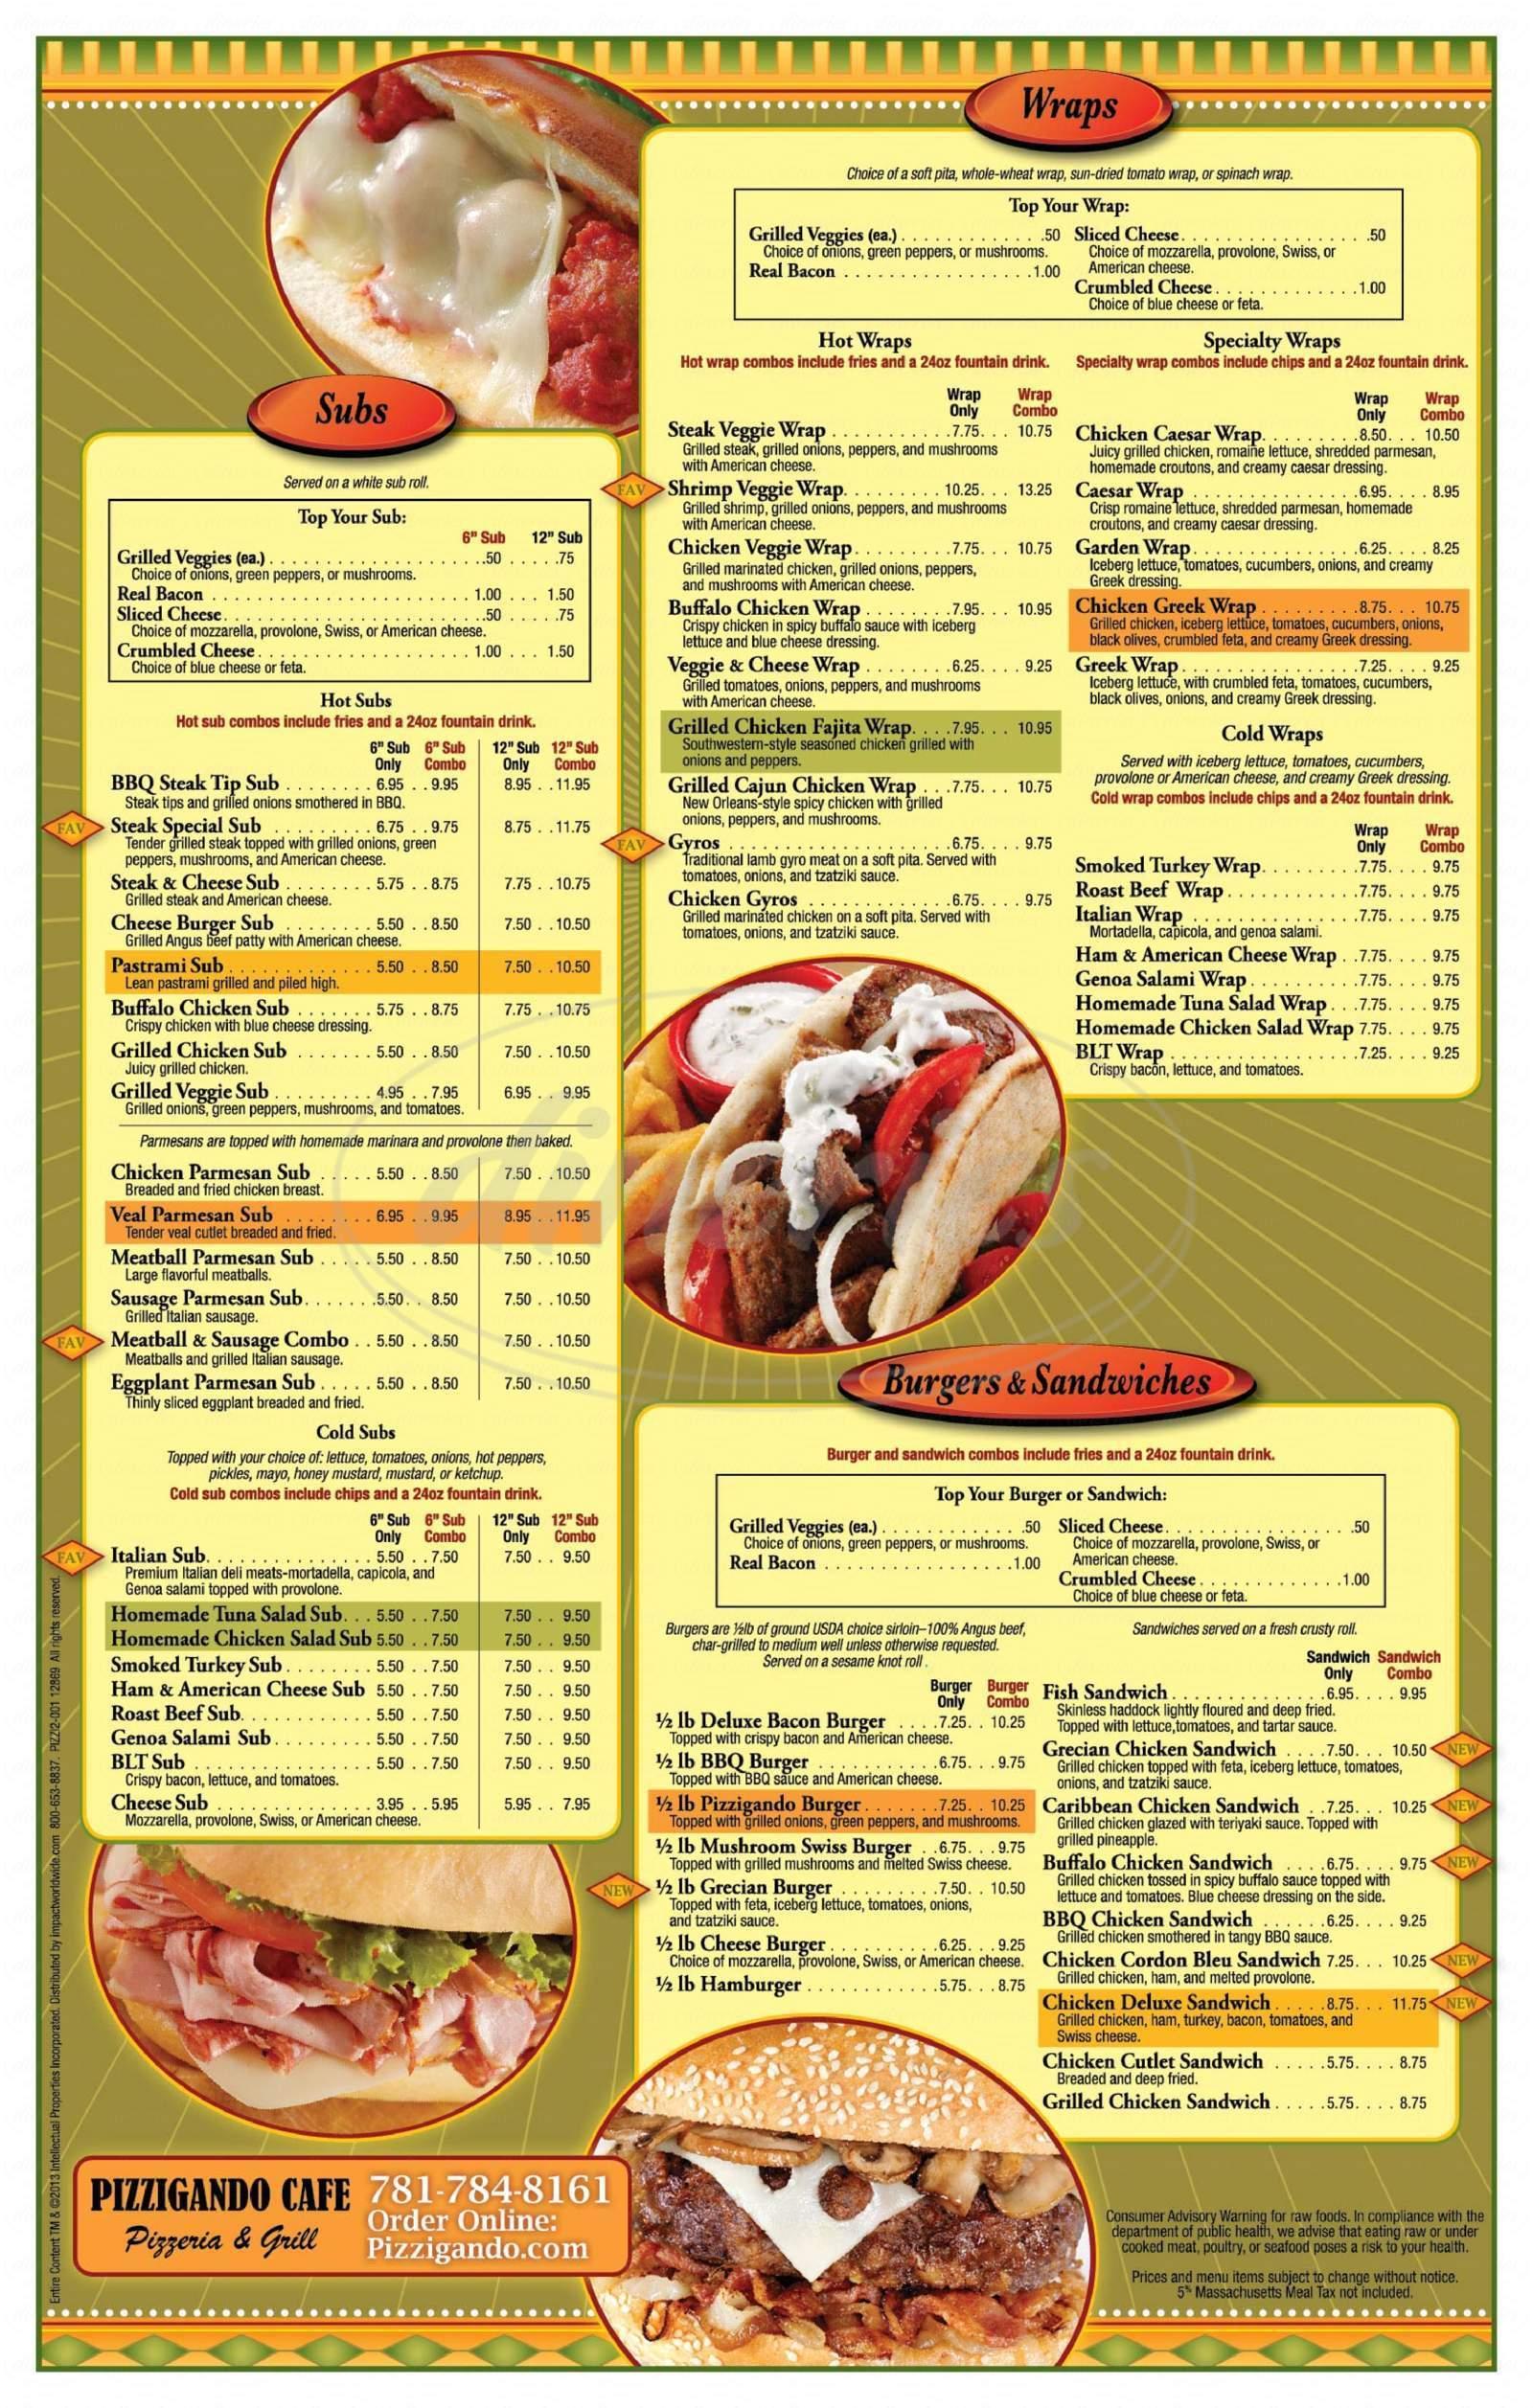 menu for Pizzigando Cafe